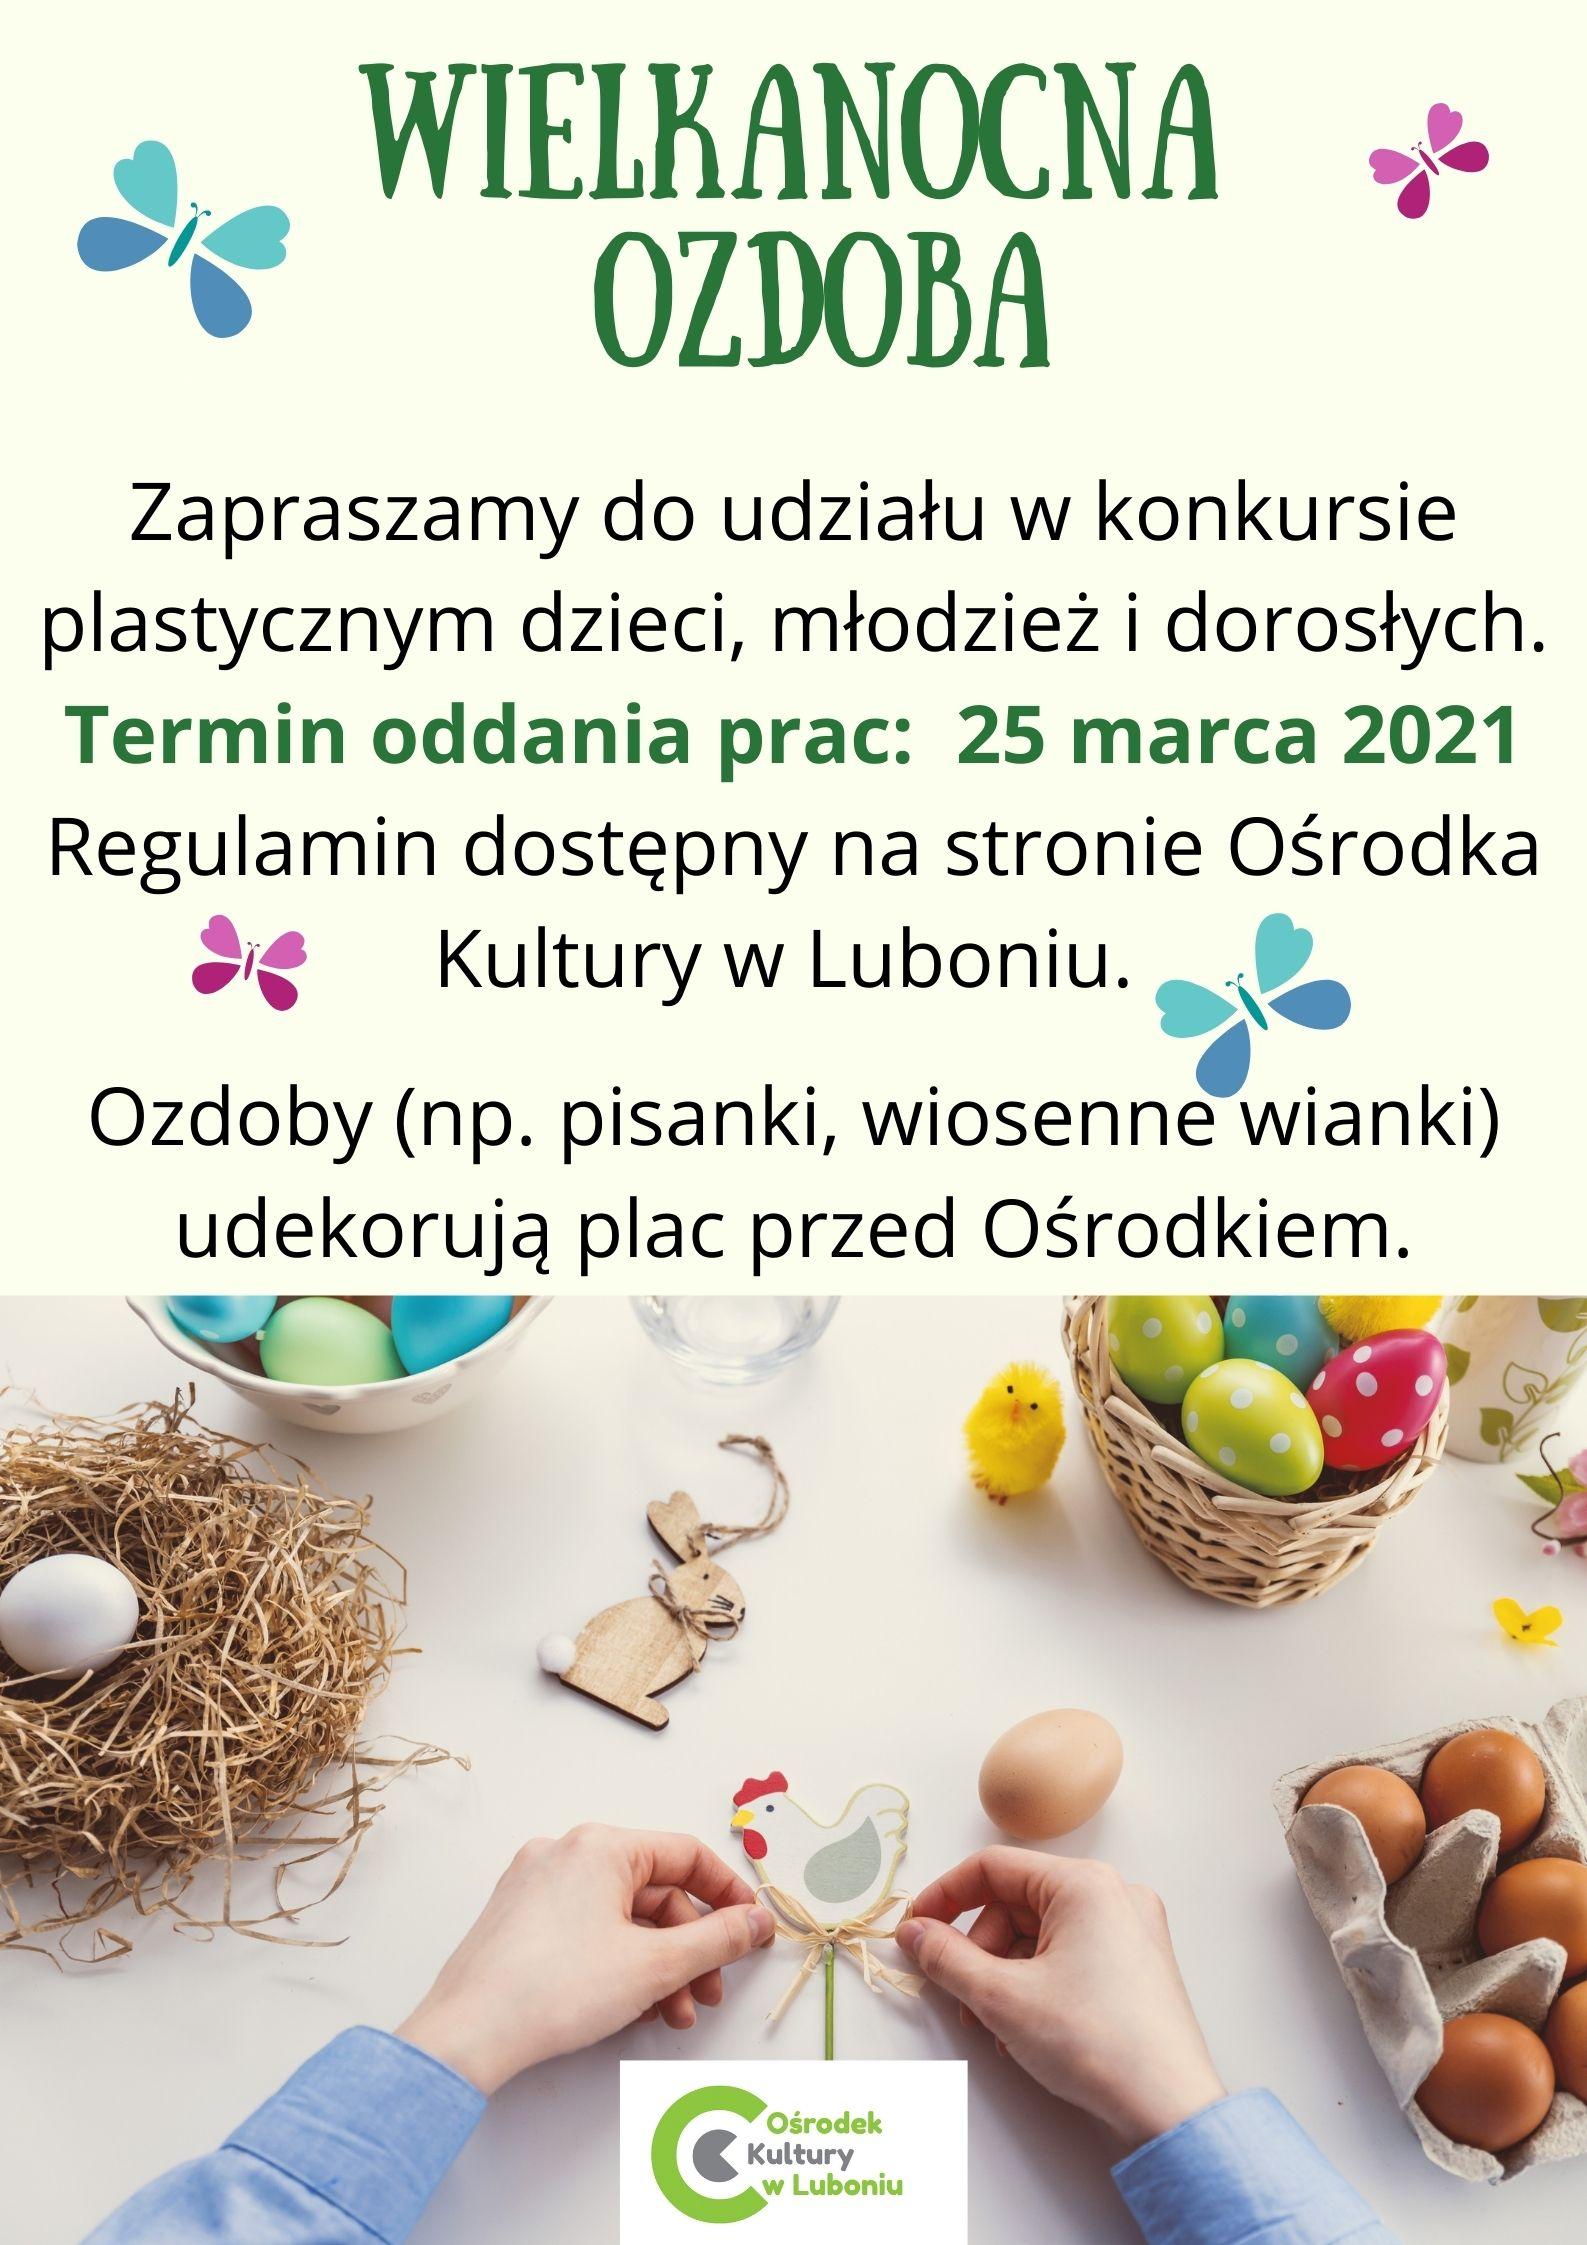 Konkurs - Wielkanocna ozdoba